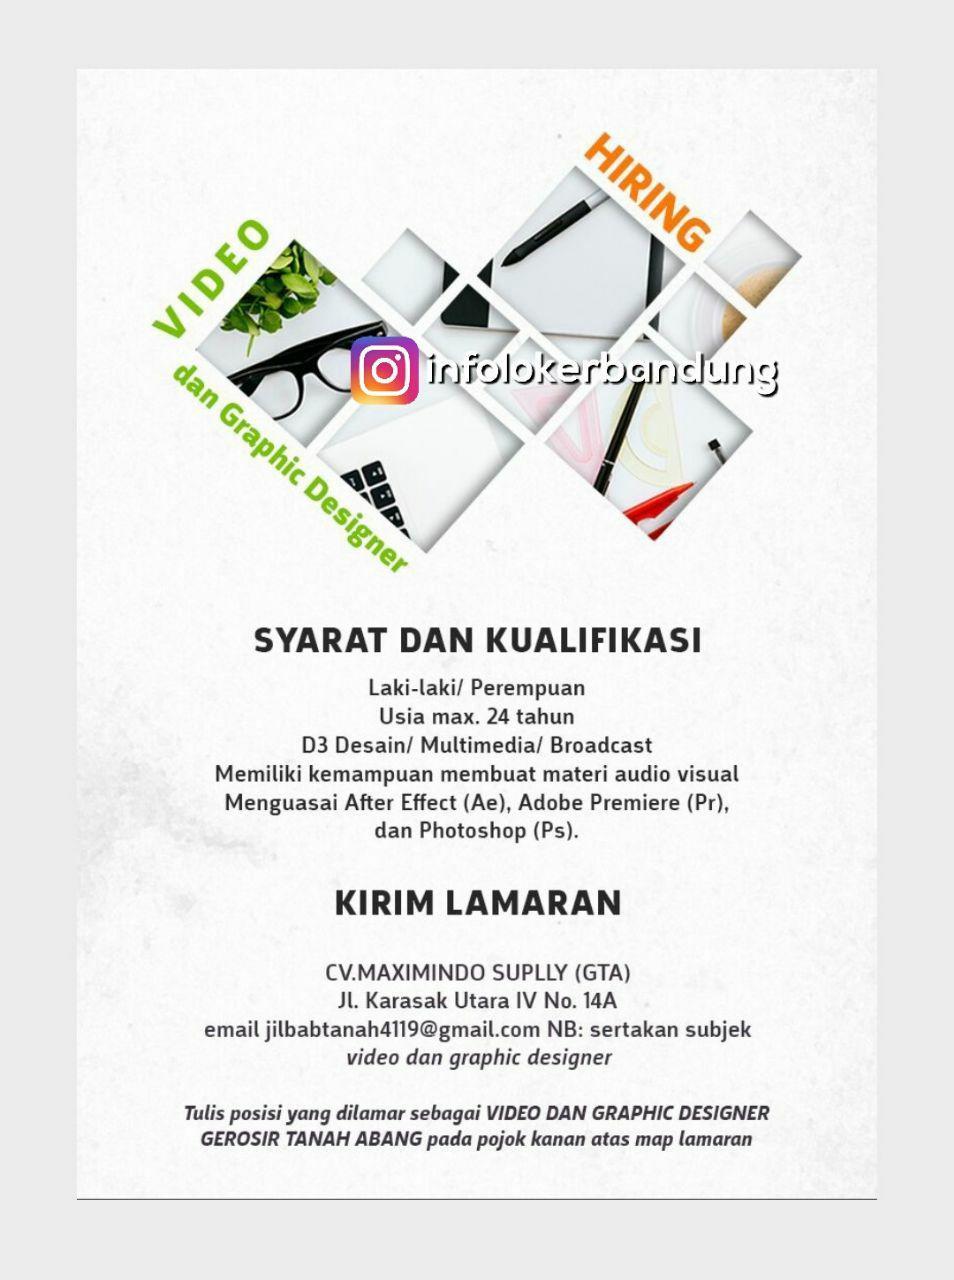 Lowongan Kerja Video Graphic Designer & Copy Writer Bandung Januari 2018